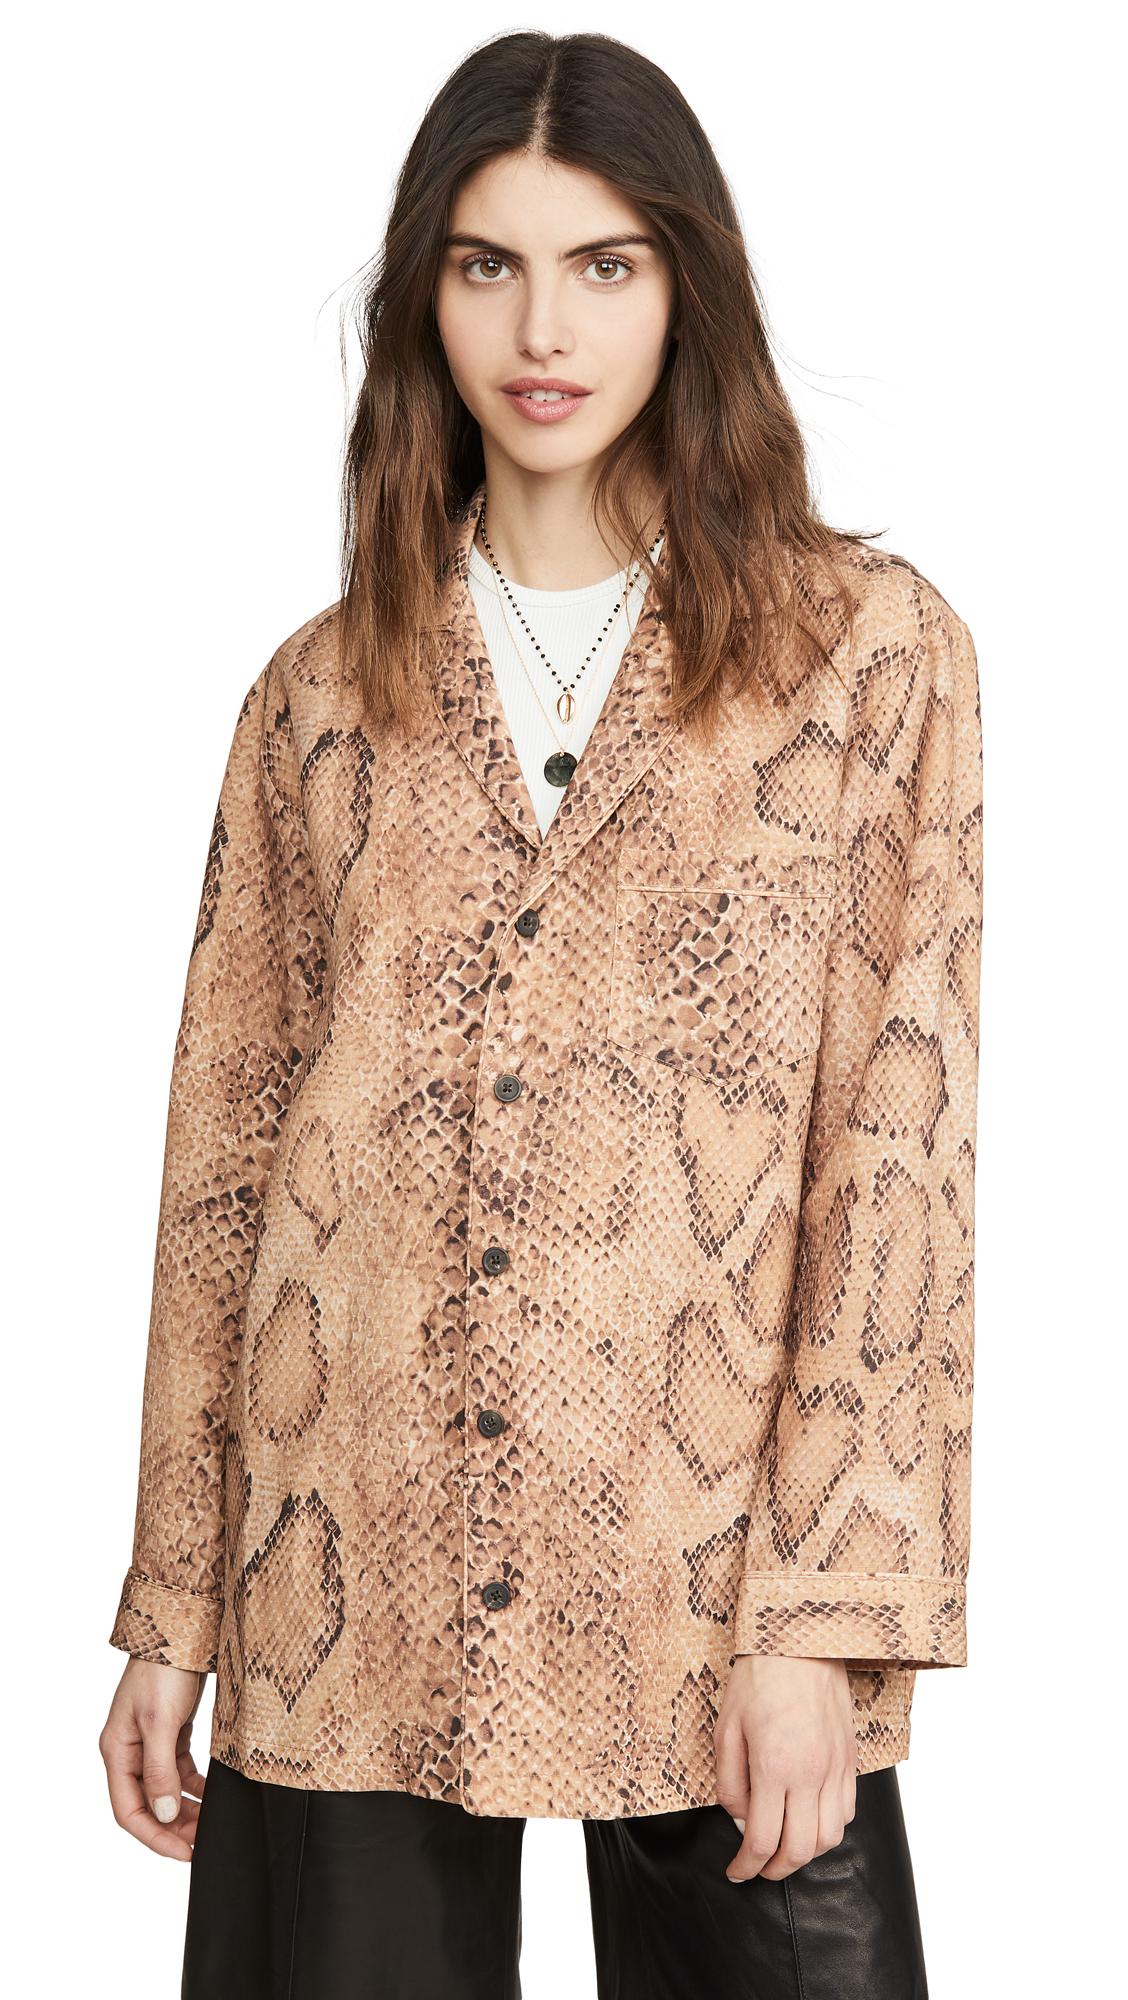 Mara Hoffman Iris Button Down Shirt – 50% Off Sale